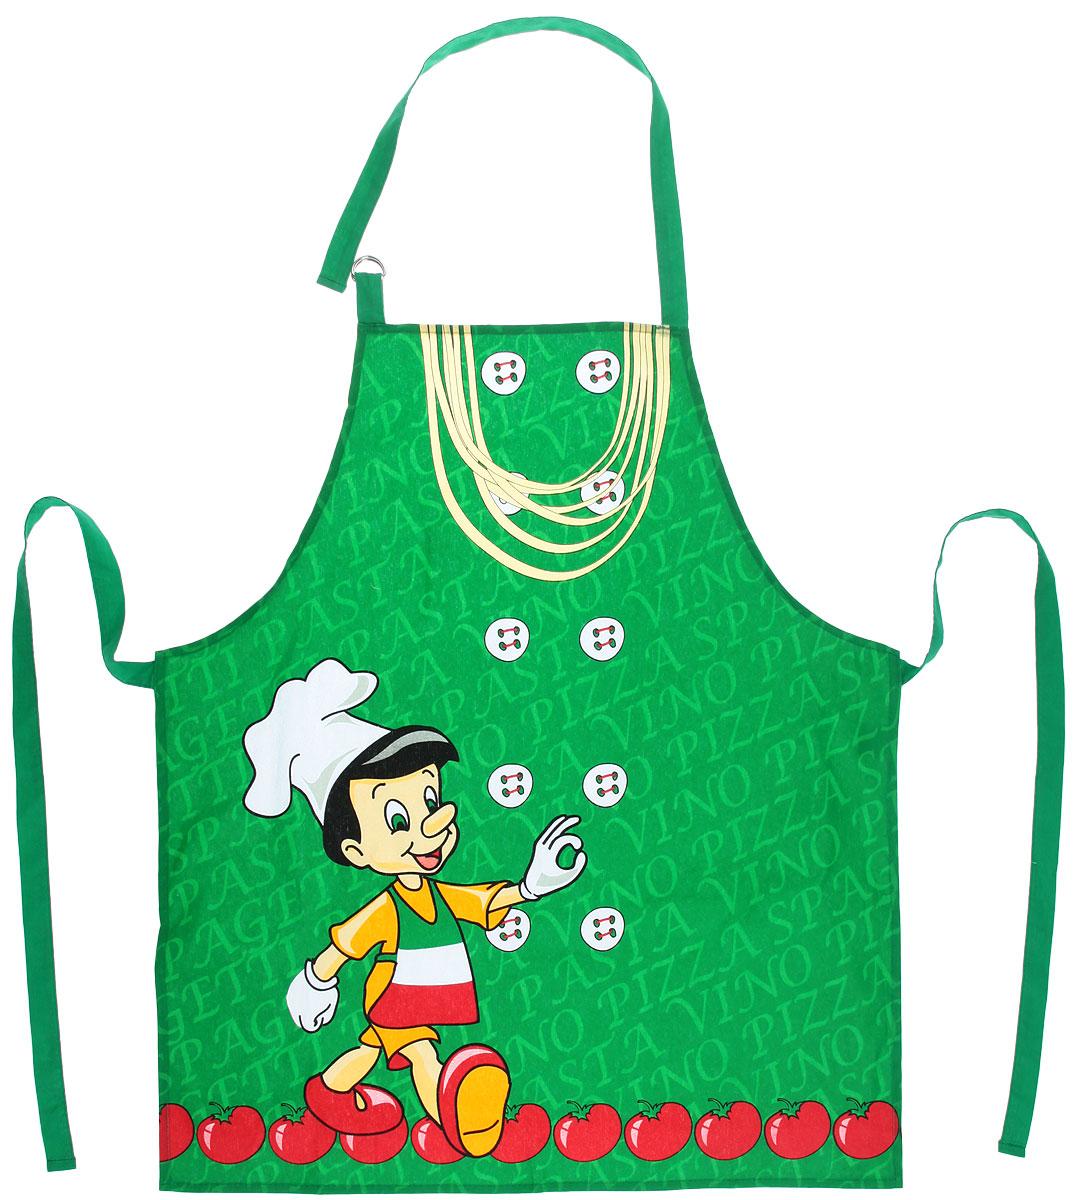 Фартук Bon Appetit Италия, 68 х 75 см207041/130Фартук Bon Appetit Италия, изготовленный из натурального 100% хлопка, оснащен карманом и регулируемым шейным ремешком, который поможетподогнать фартук по вашему росту. Удлиненный пояс можно завязать сзади или обернуть вокругталии, благодаря чему фартук подойдет на фигуру S-XXL. Такой фартук поднимет настроение, позволит почувствовать себя наряднойи женственной при выполнении домашних дел.